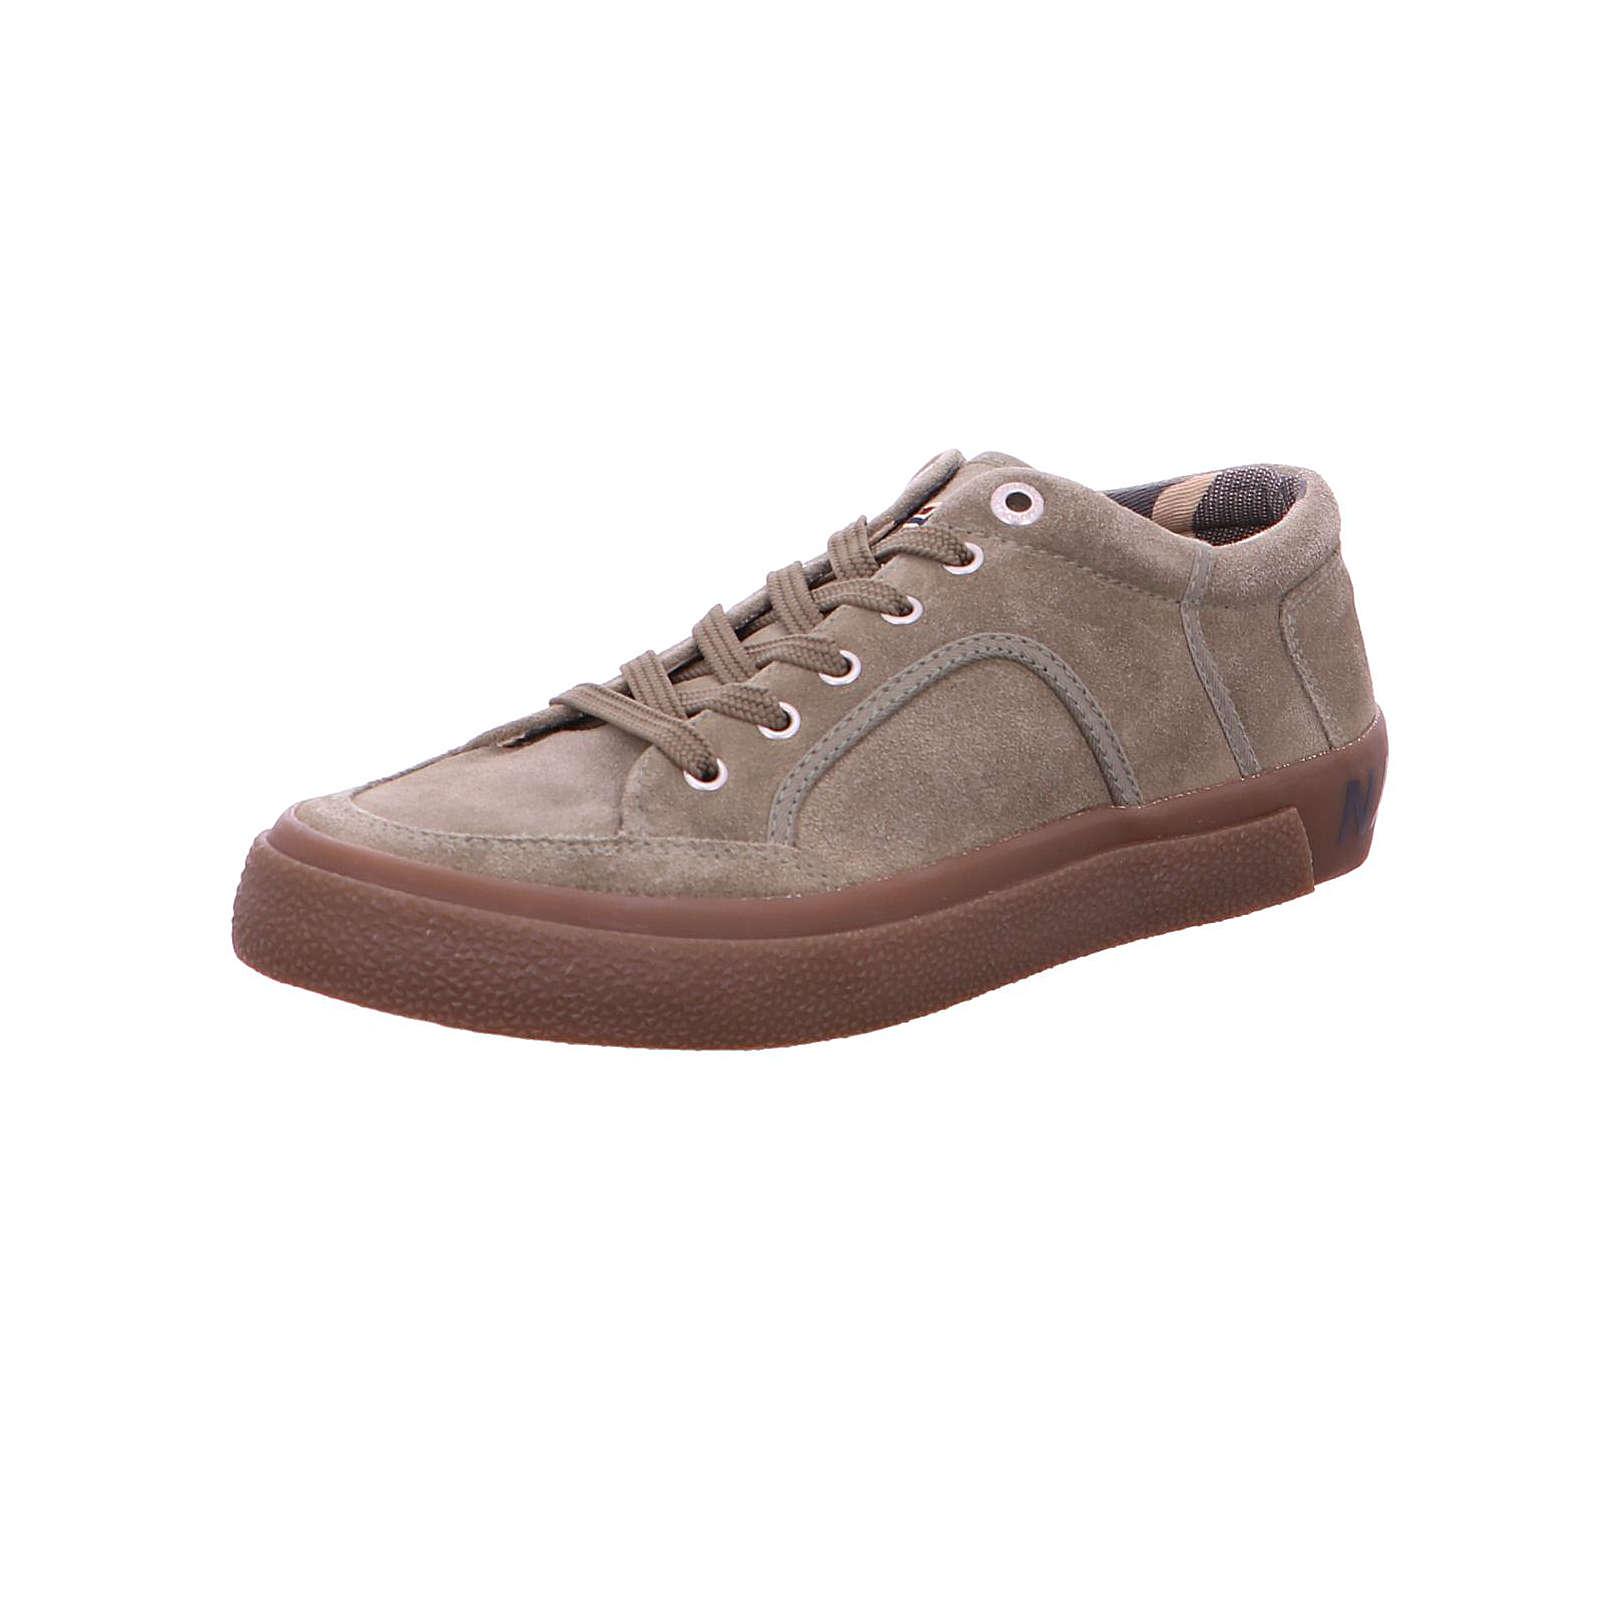 NAPAPIJRI Sneakers Low grün Herren Gr. 46